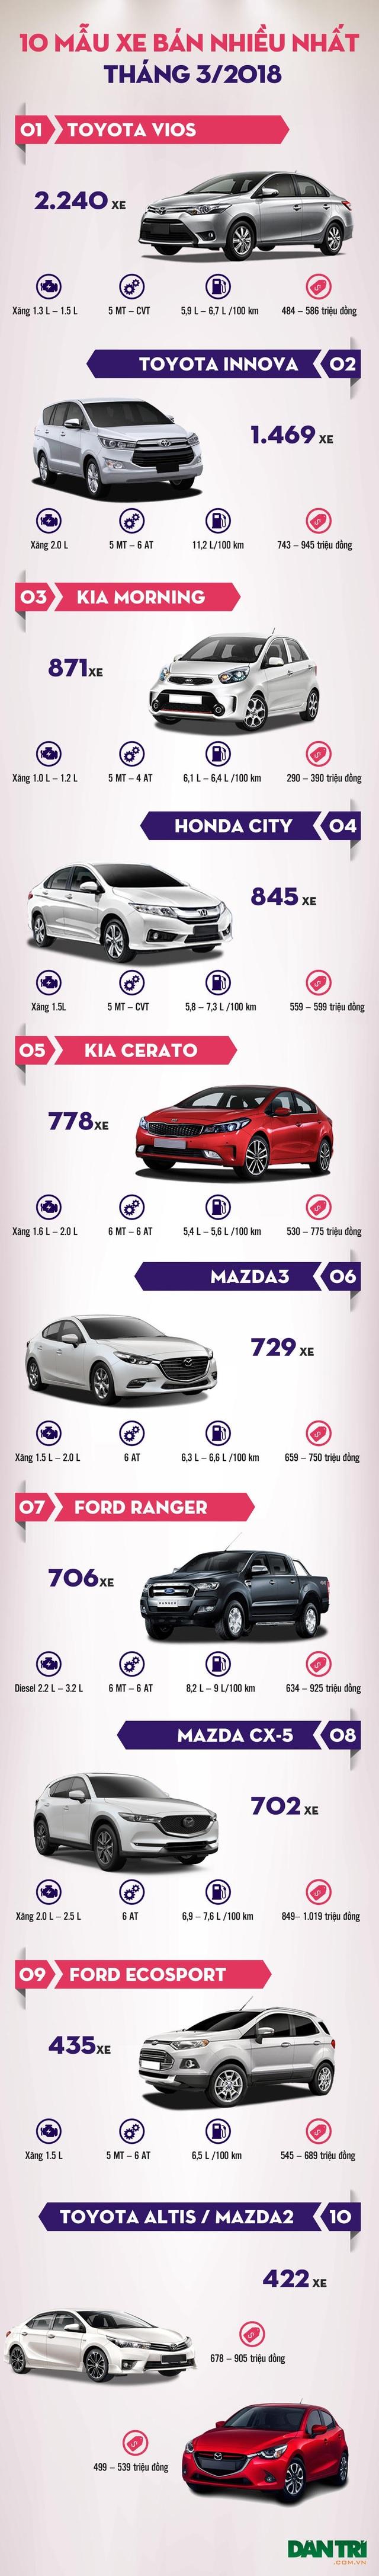 Top 10 mẫu xe bán nhiều nhất tháng 3/2018 - 2